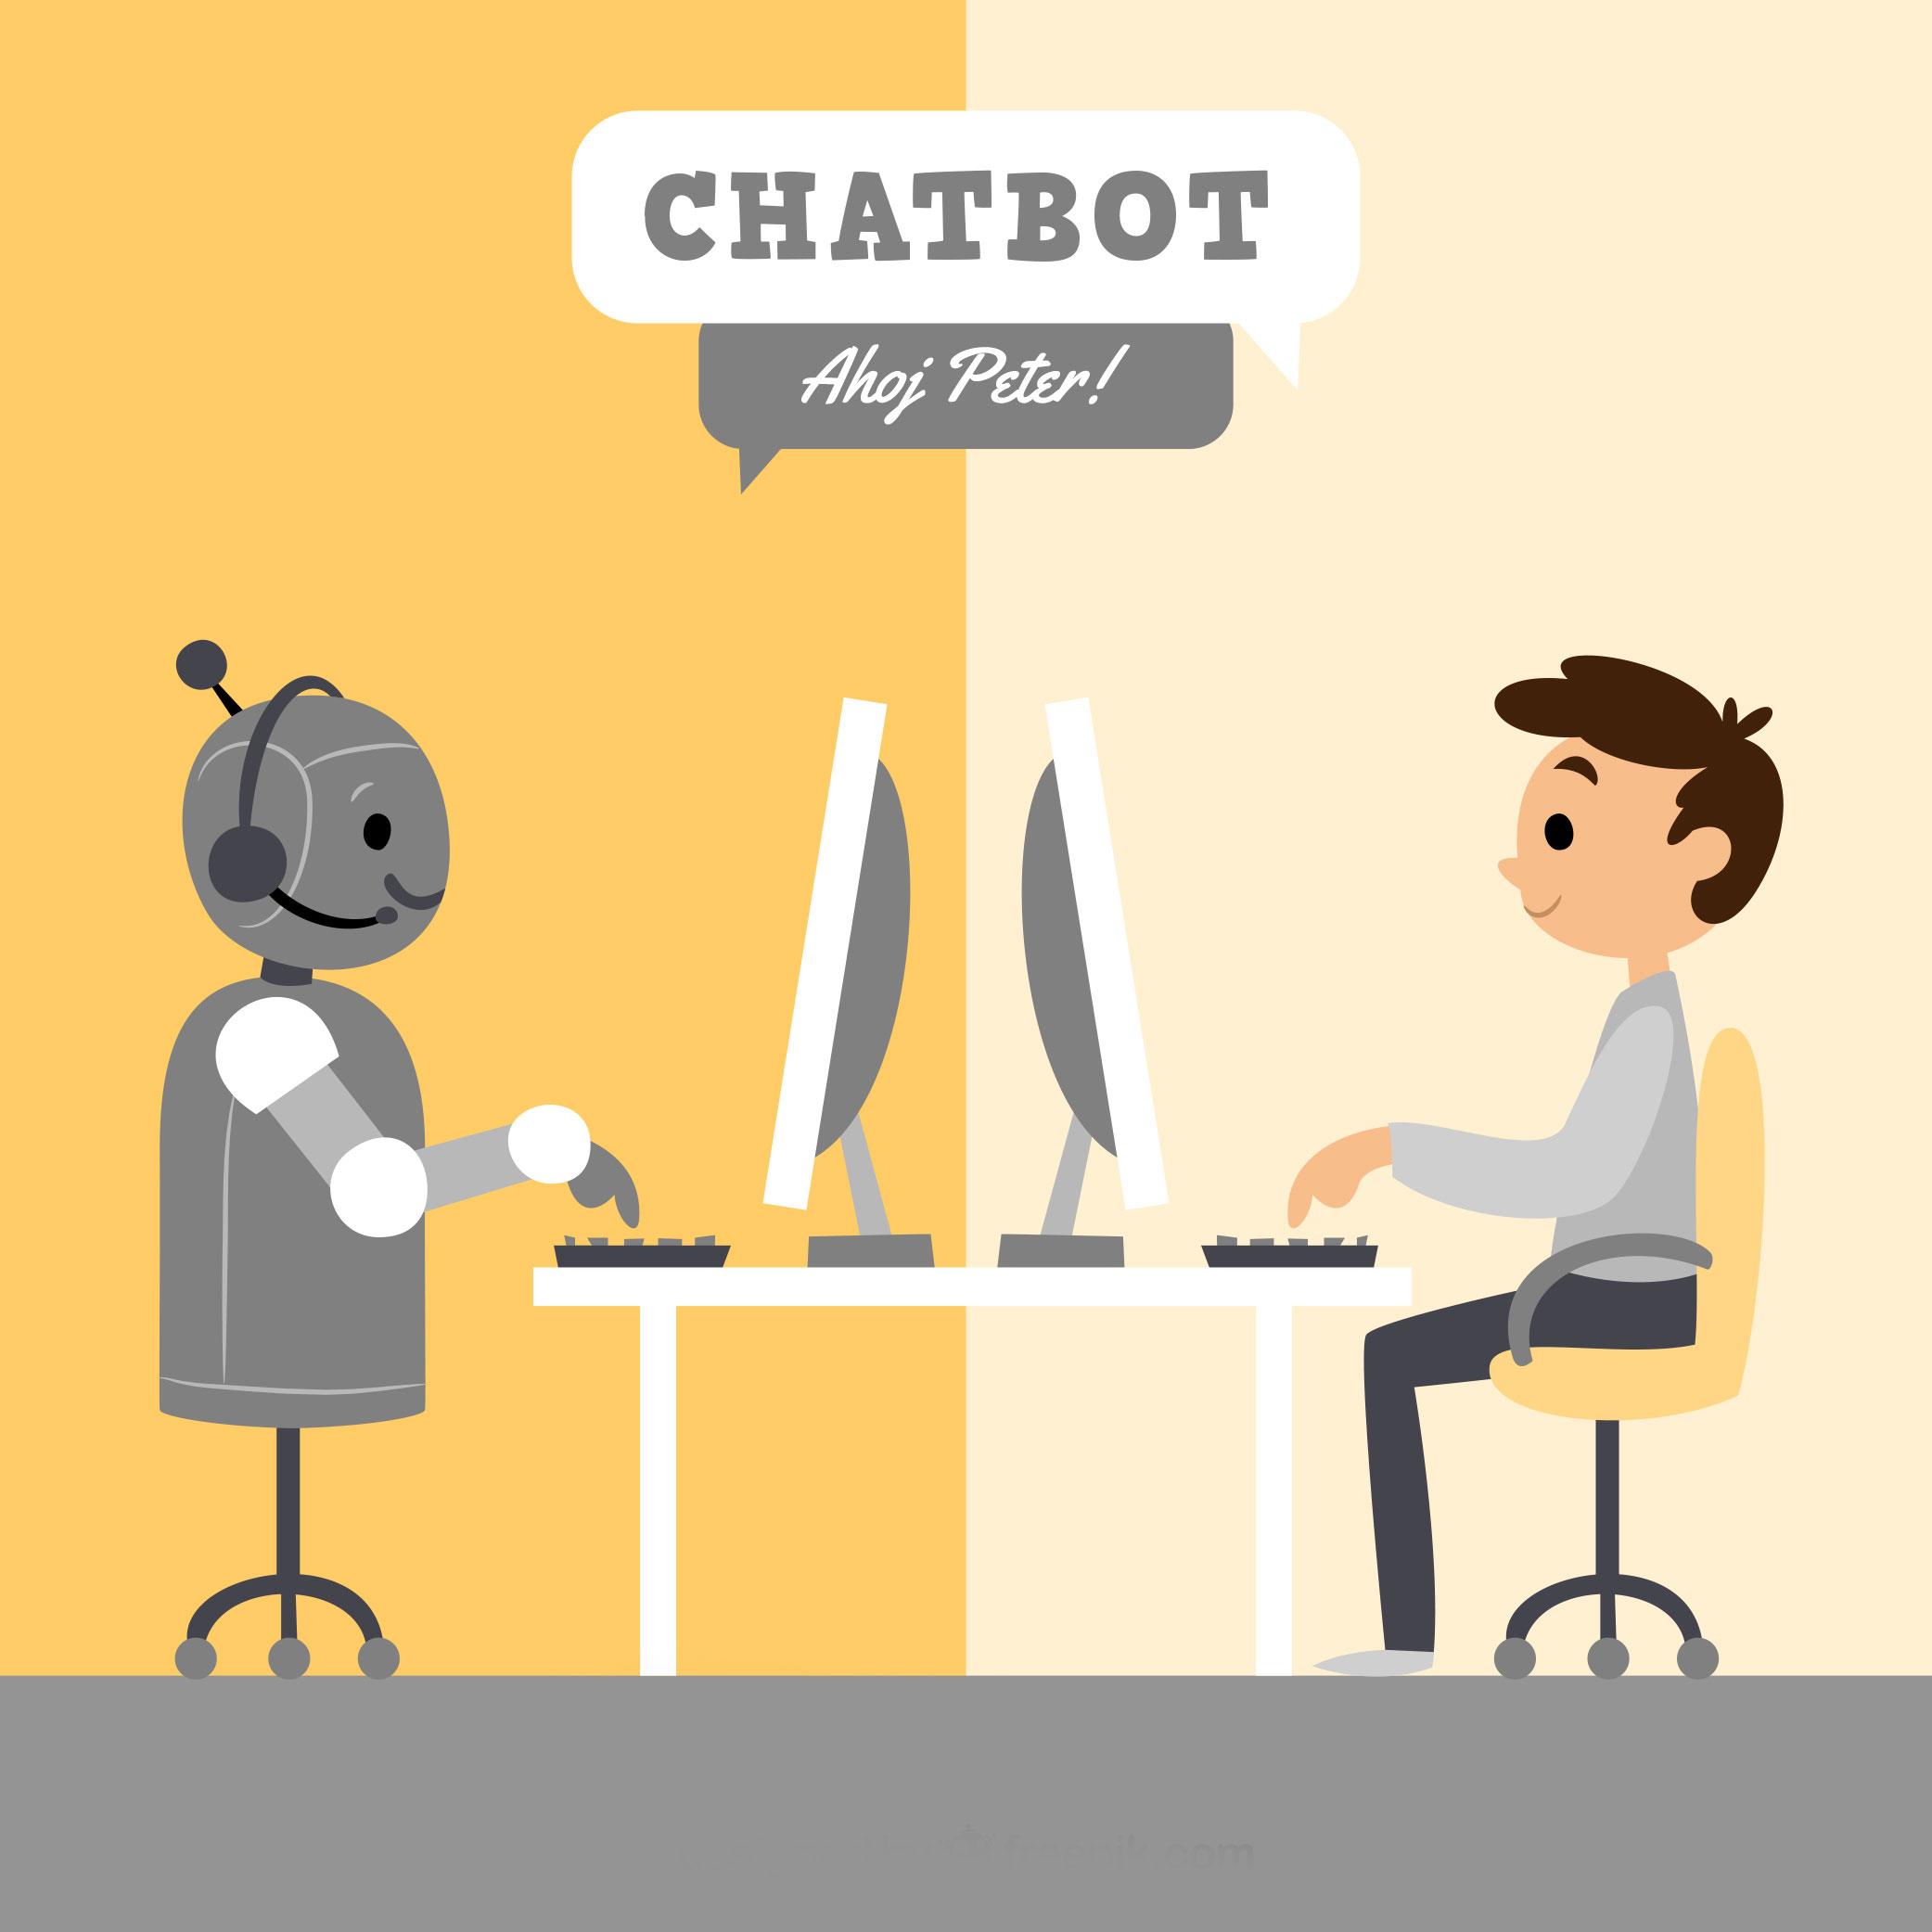 komunikácia s chatbotom